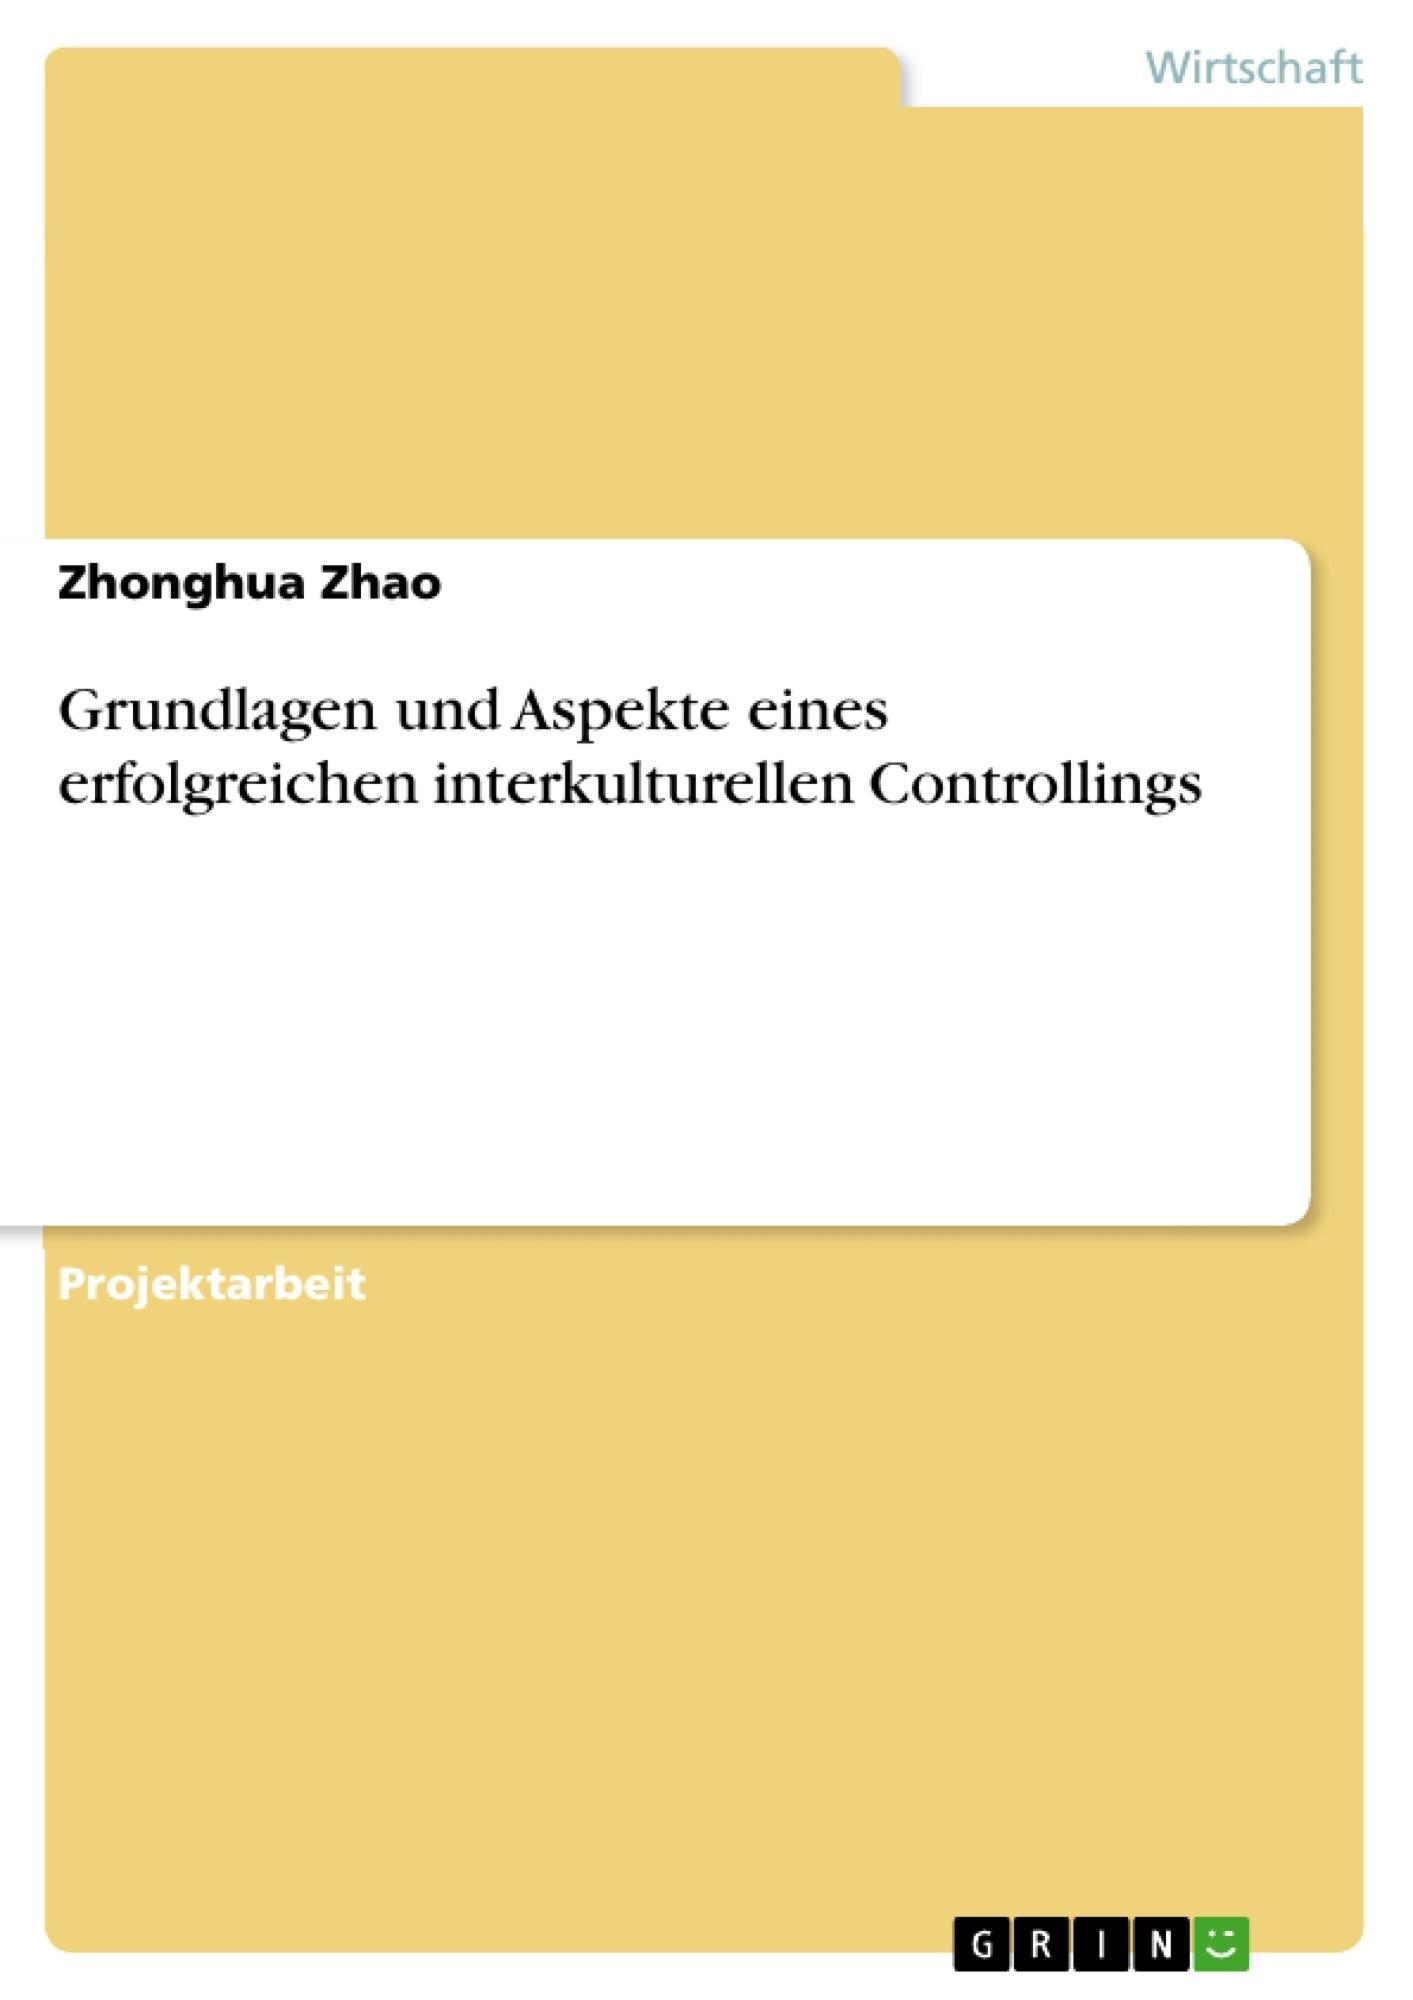 Titel: Grundlagen und Aspekte eines erfolgreichen interkulturellen Controllings